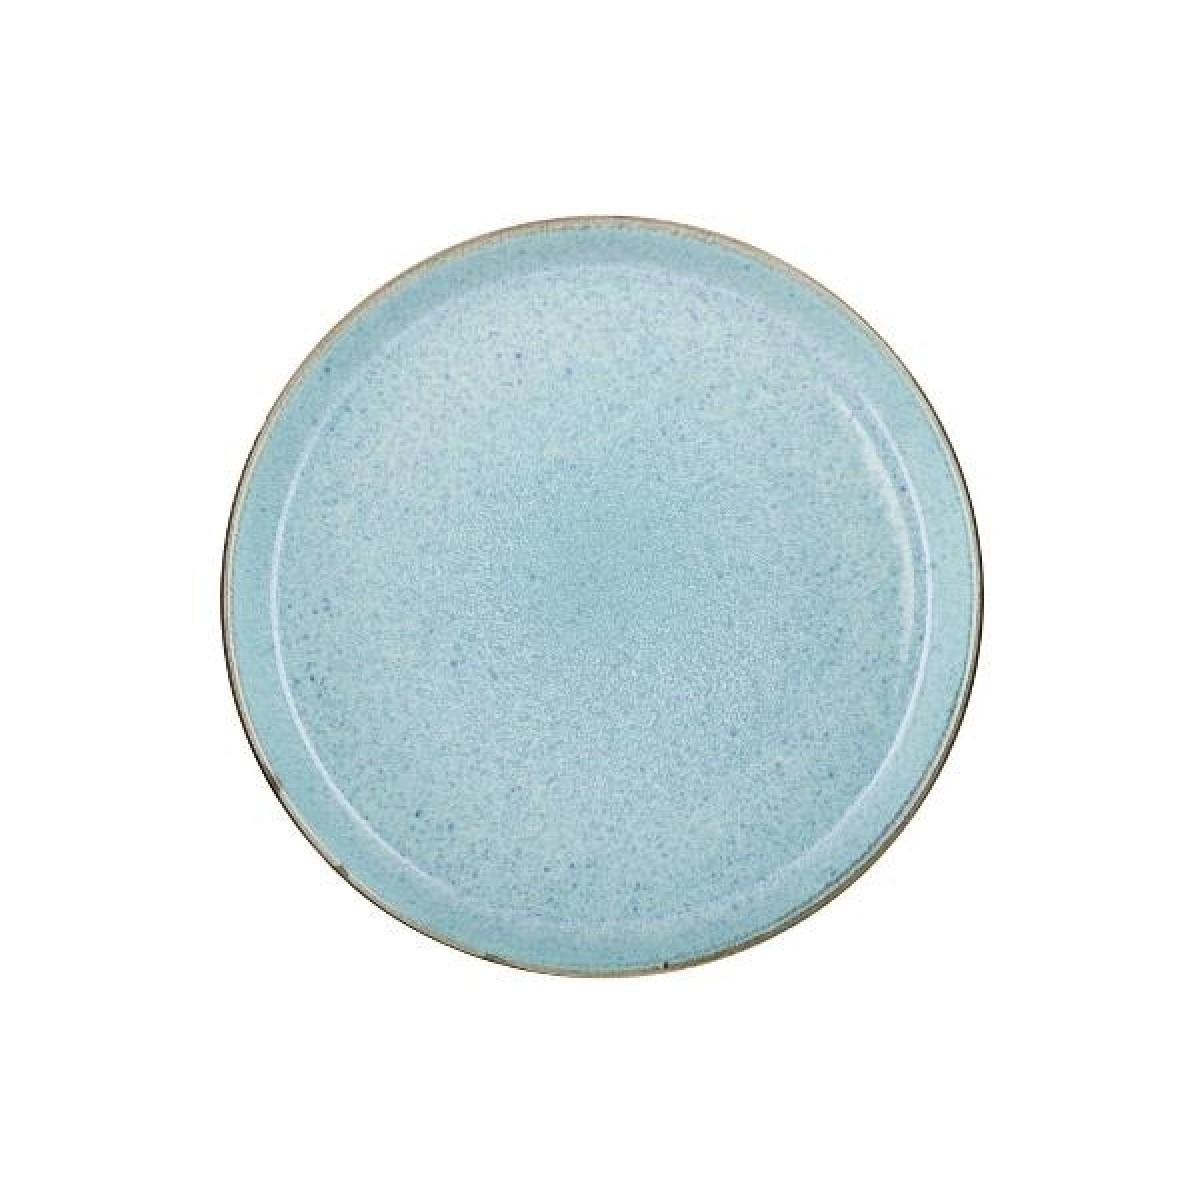 BITZ Tallerken gastro ø 27 cm grå/lysblå